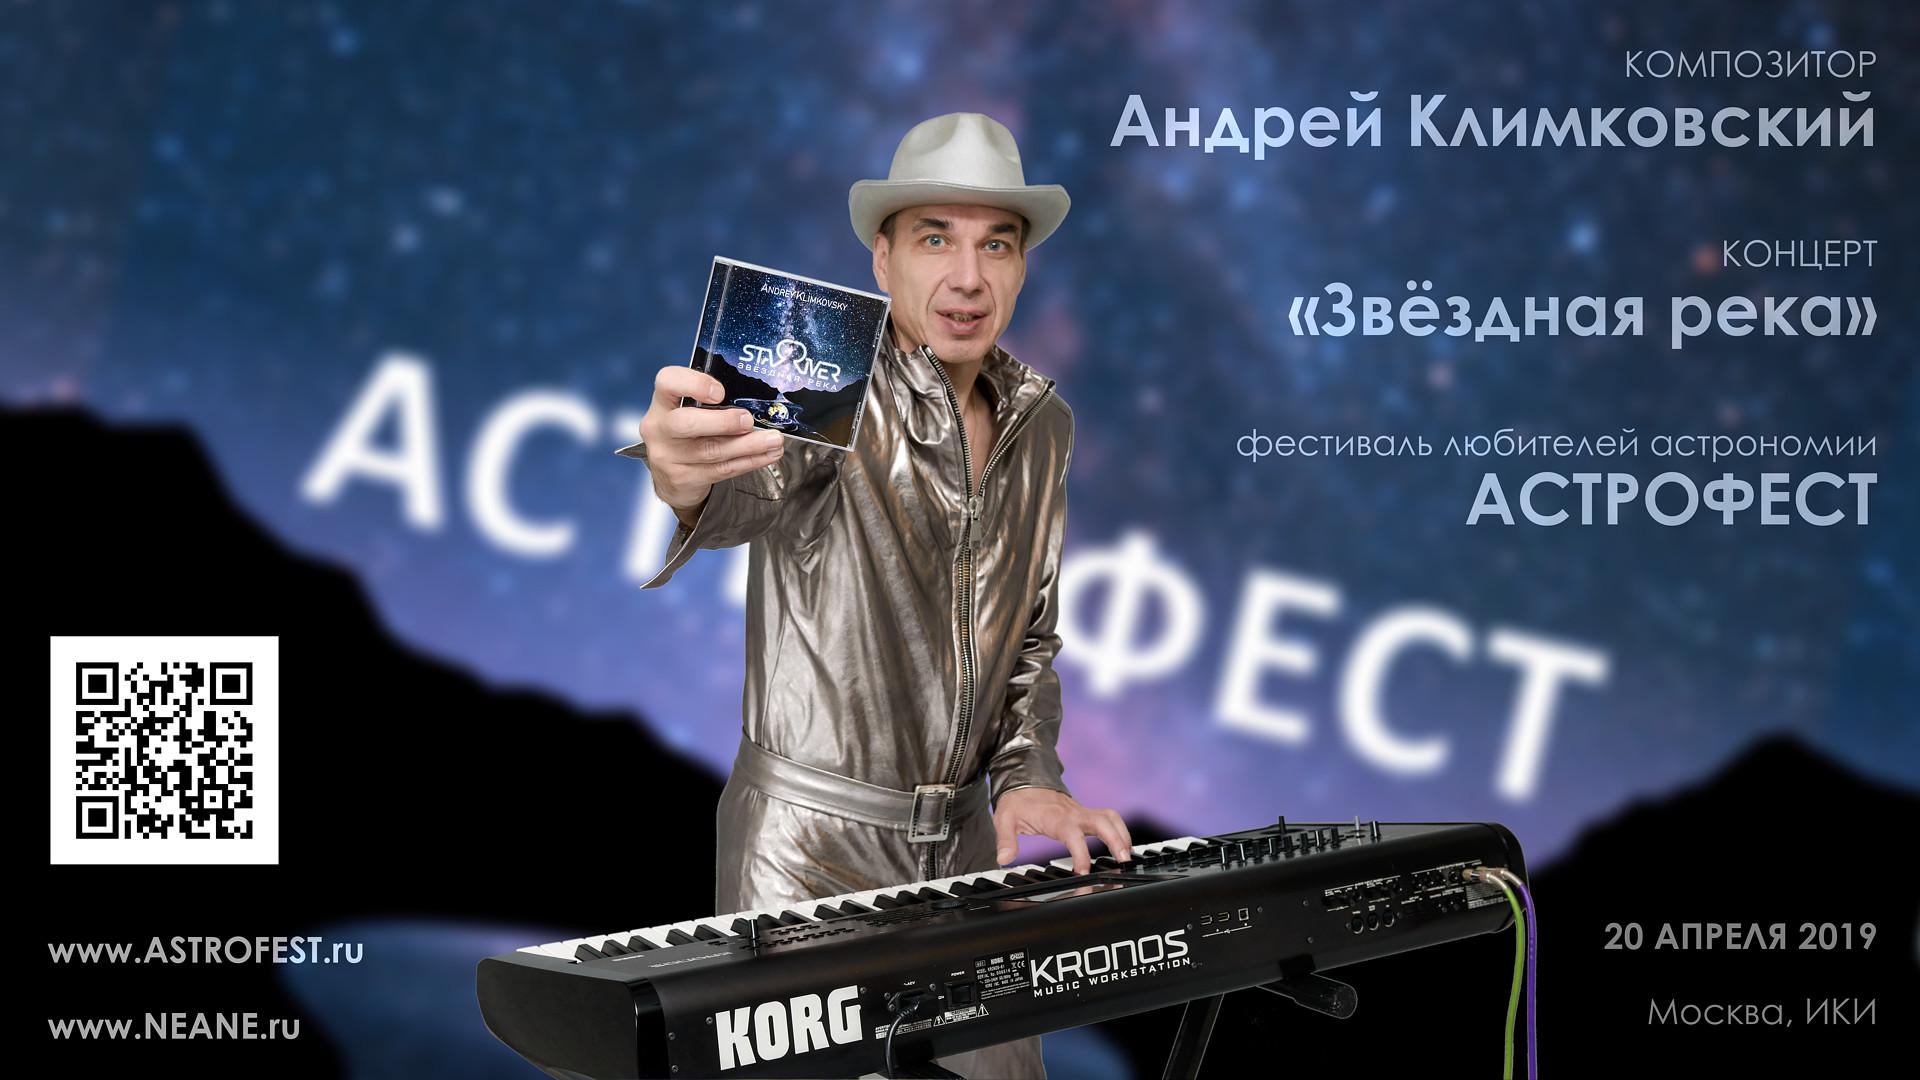 20 апреля 2019 года концерт Андрея Климковского «Звёздная река» на фестивале любителей астрономии «Астрофест»